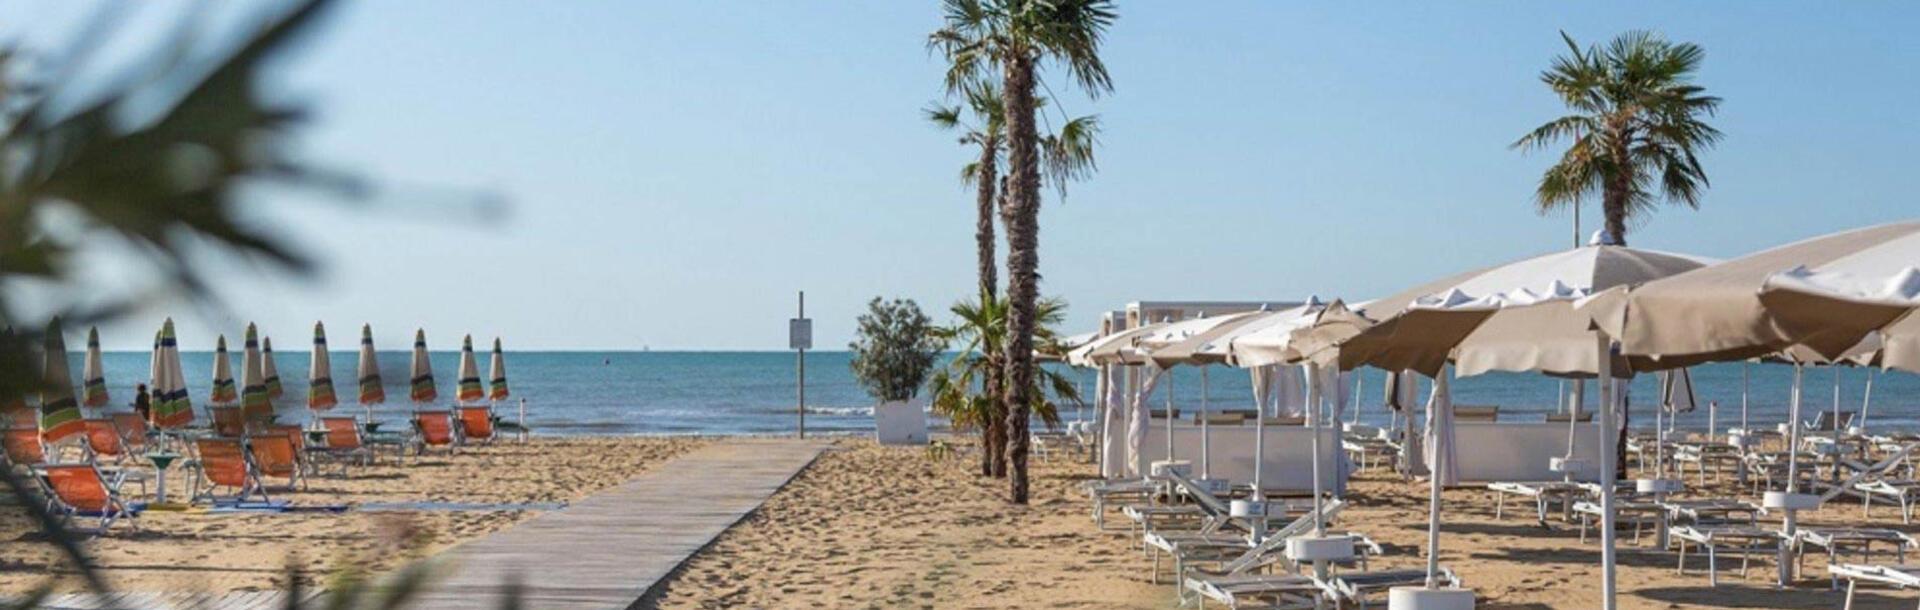 hotel-montecarlo it spiaggia-privata 013